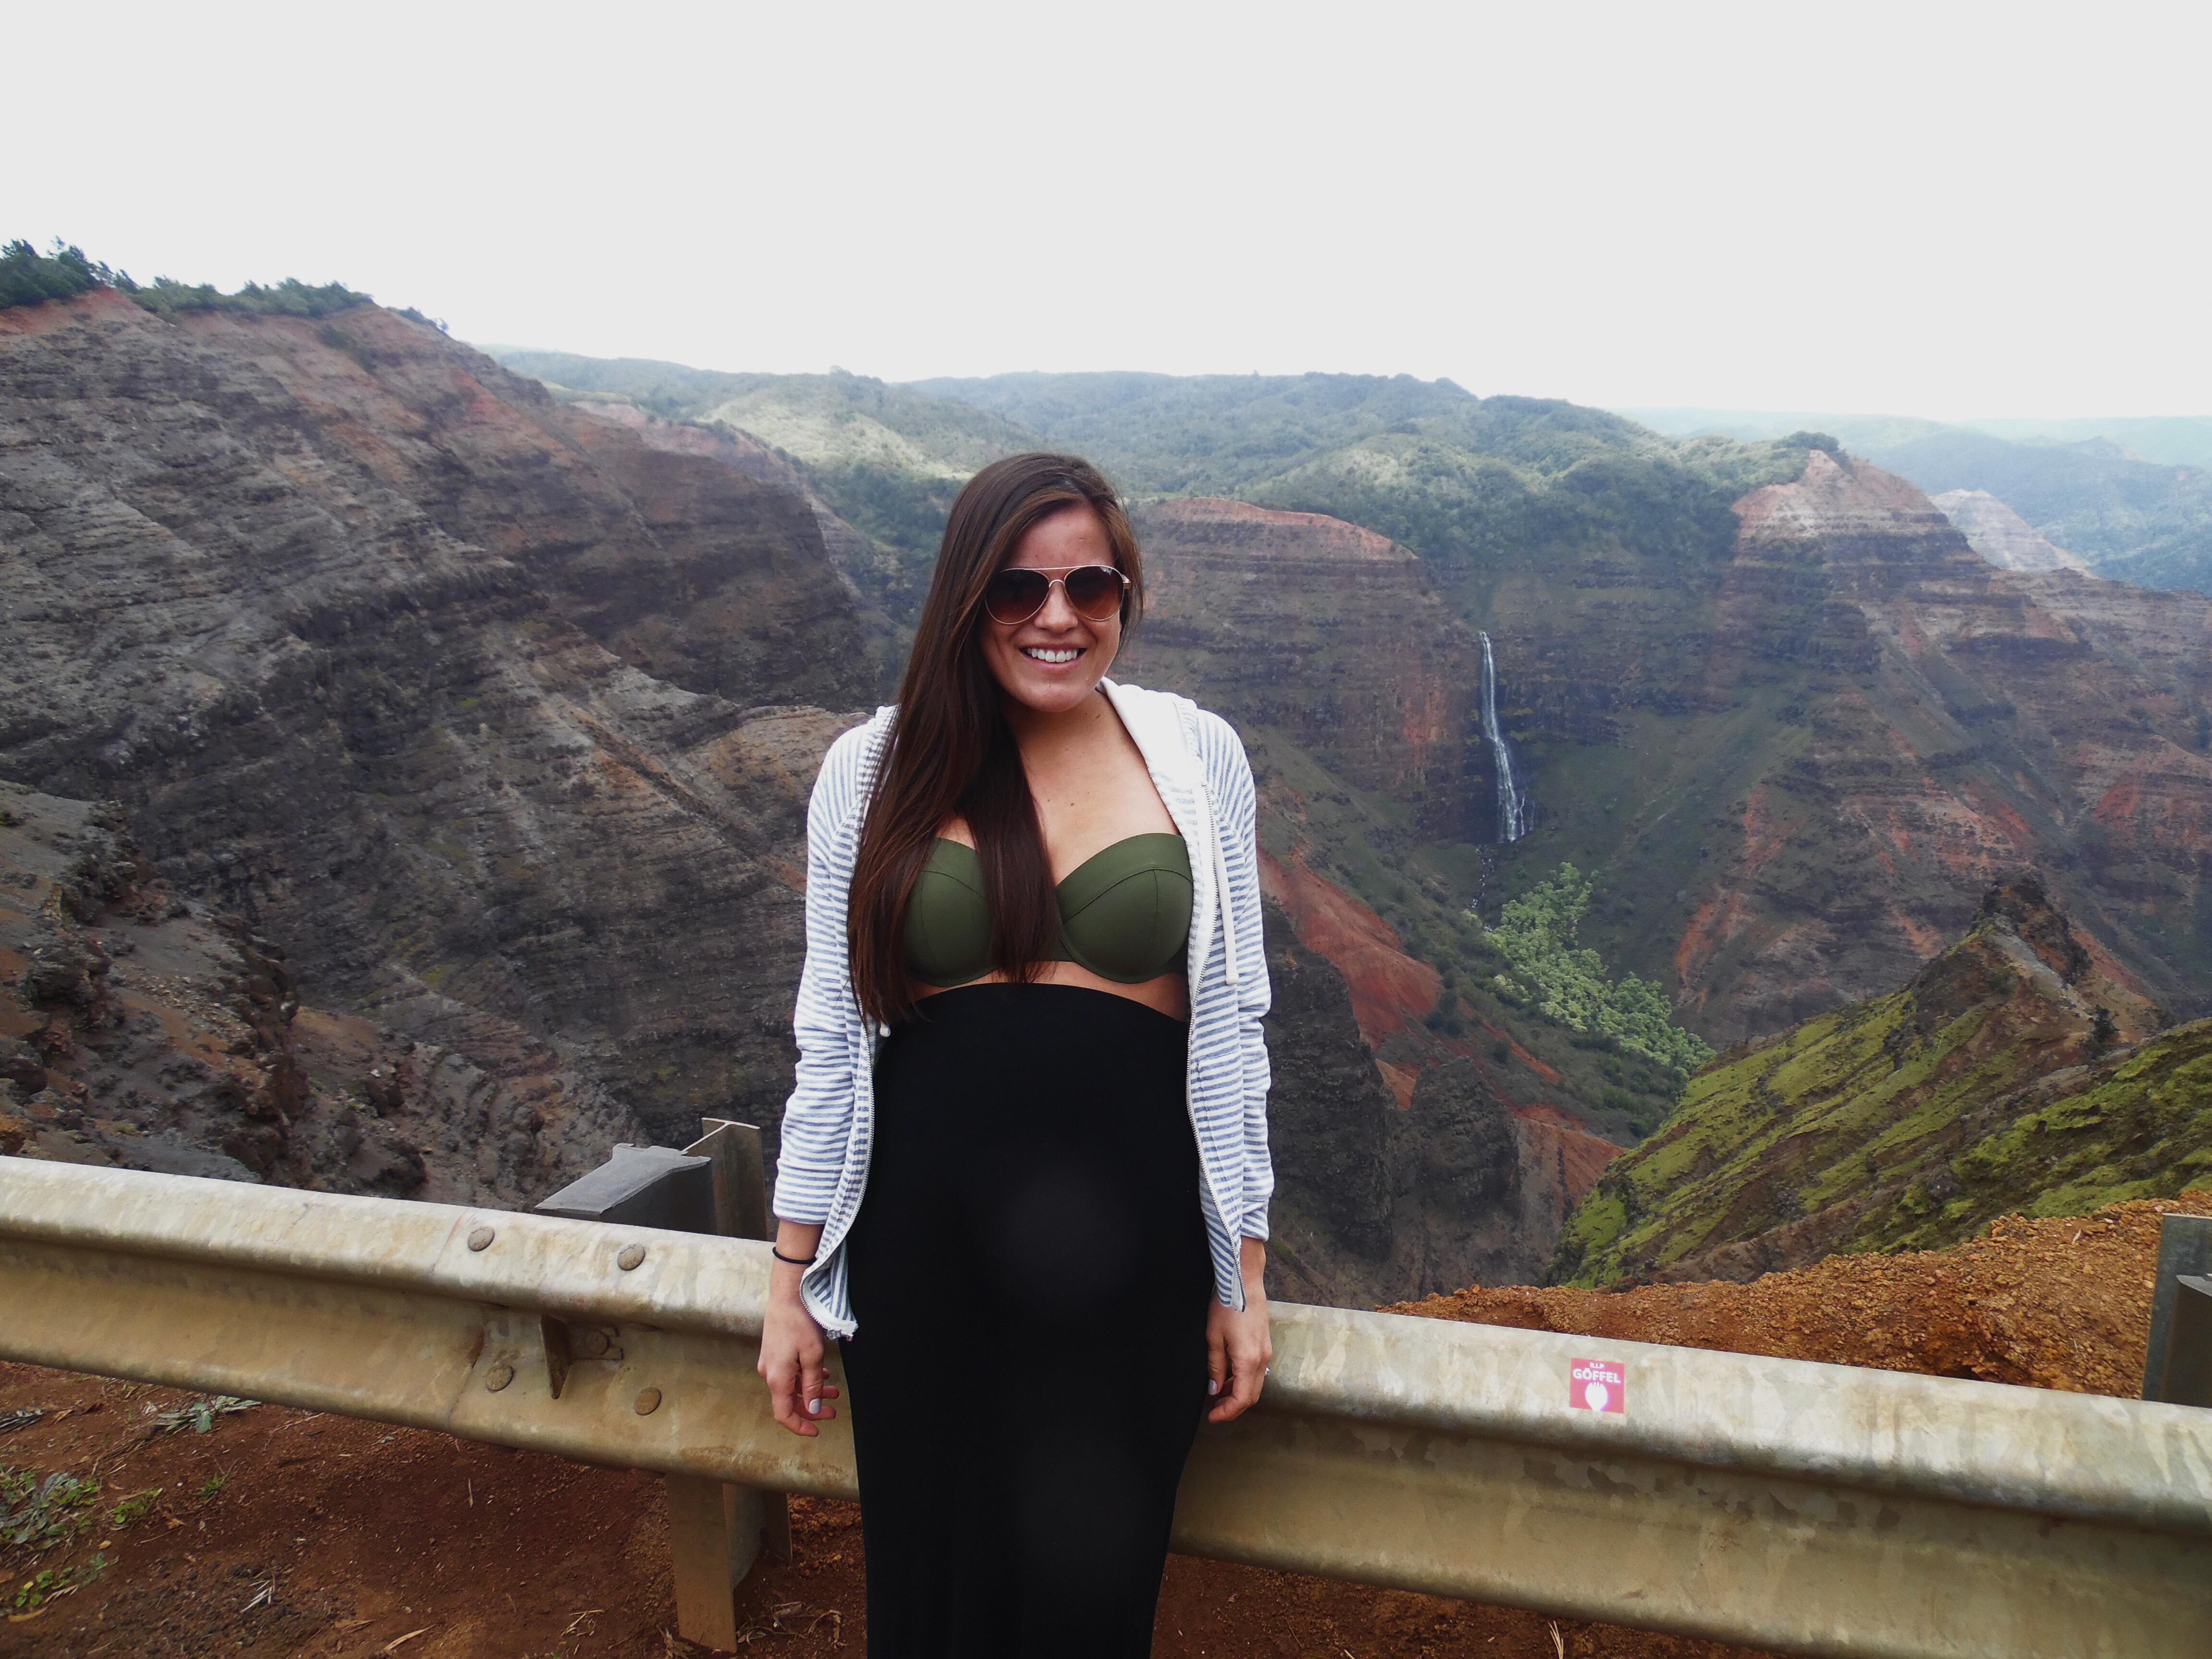 canyon overlook.jpg